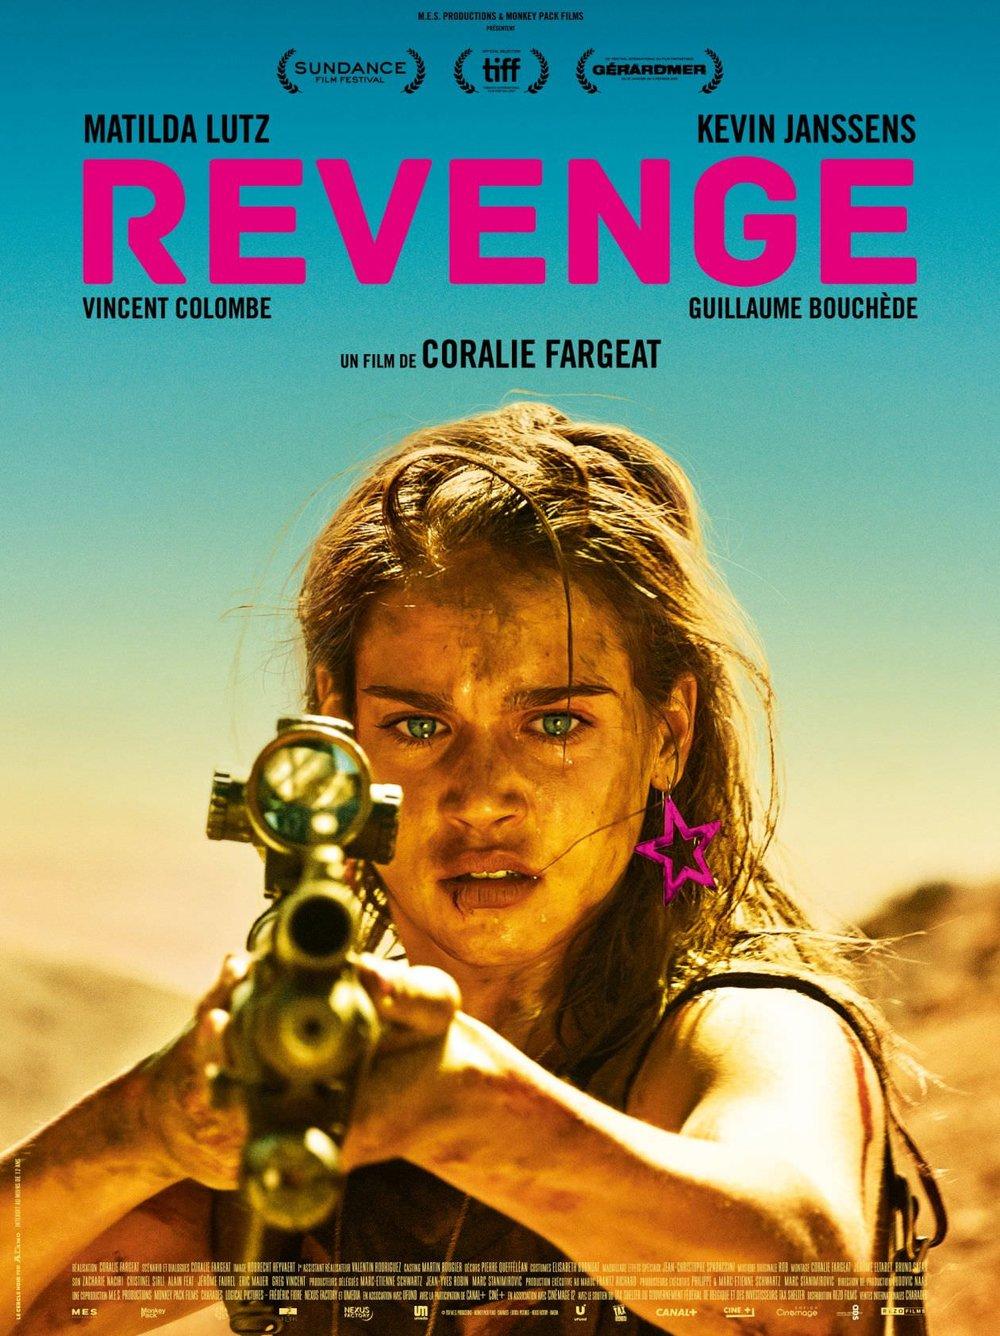 revengeposter.jpg